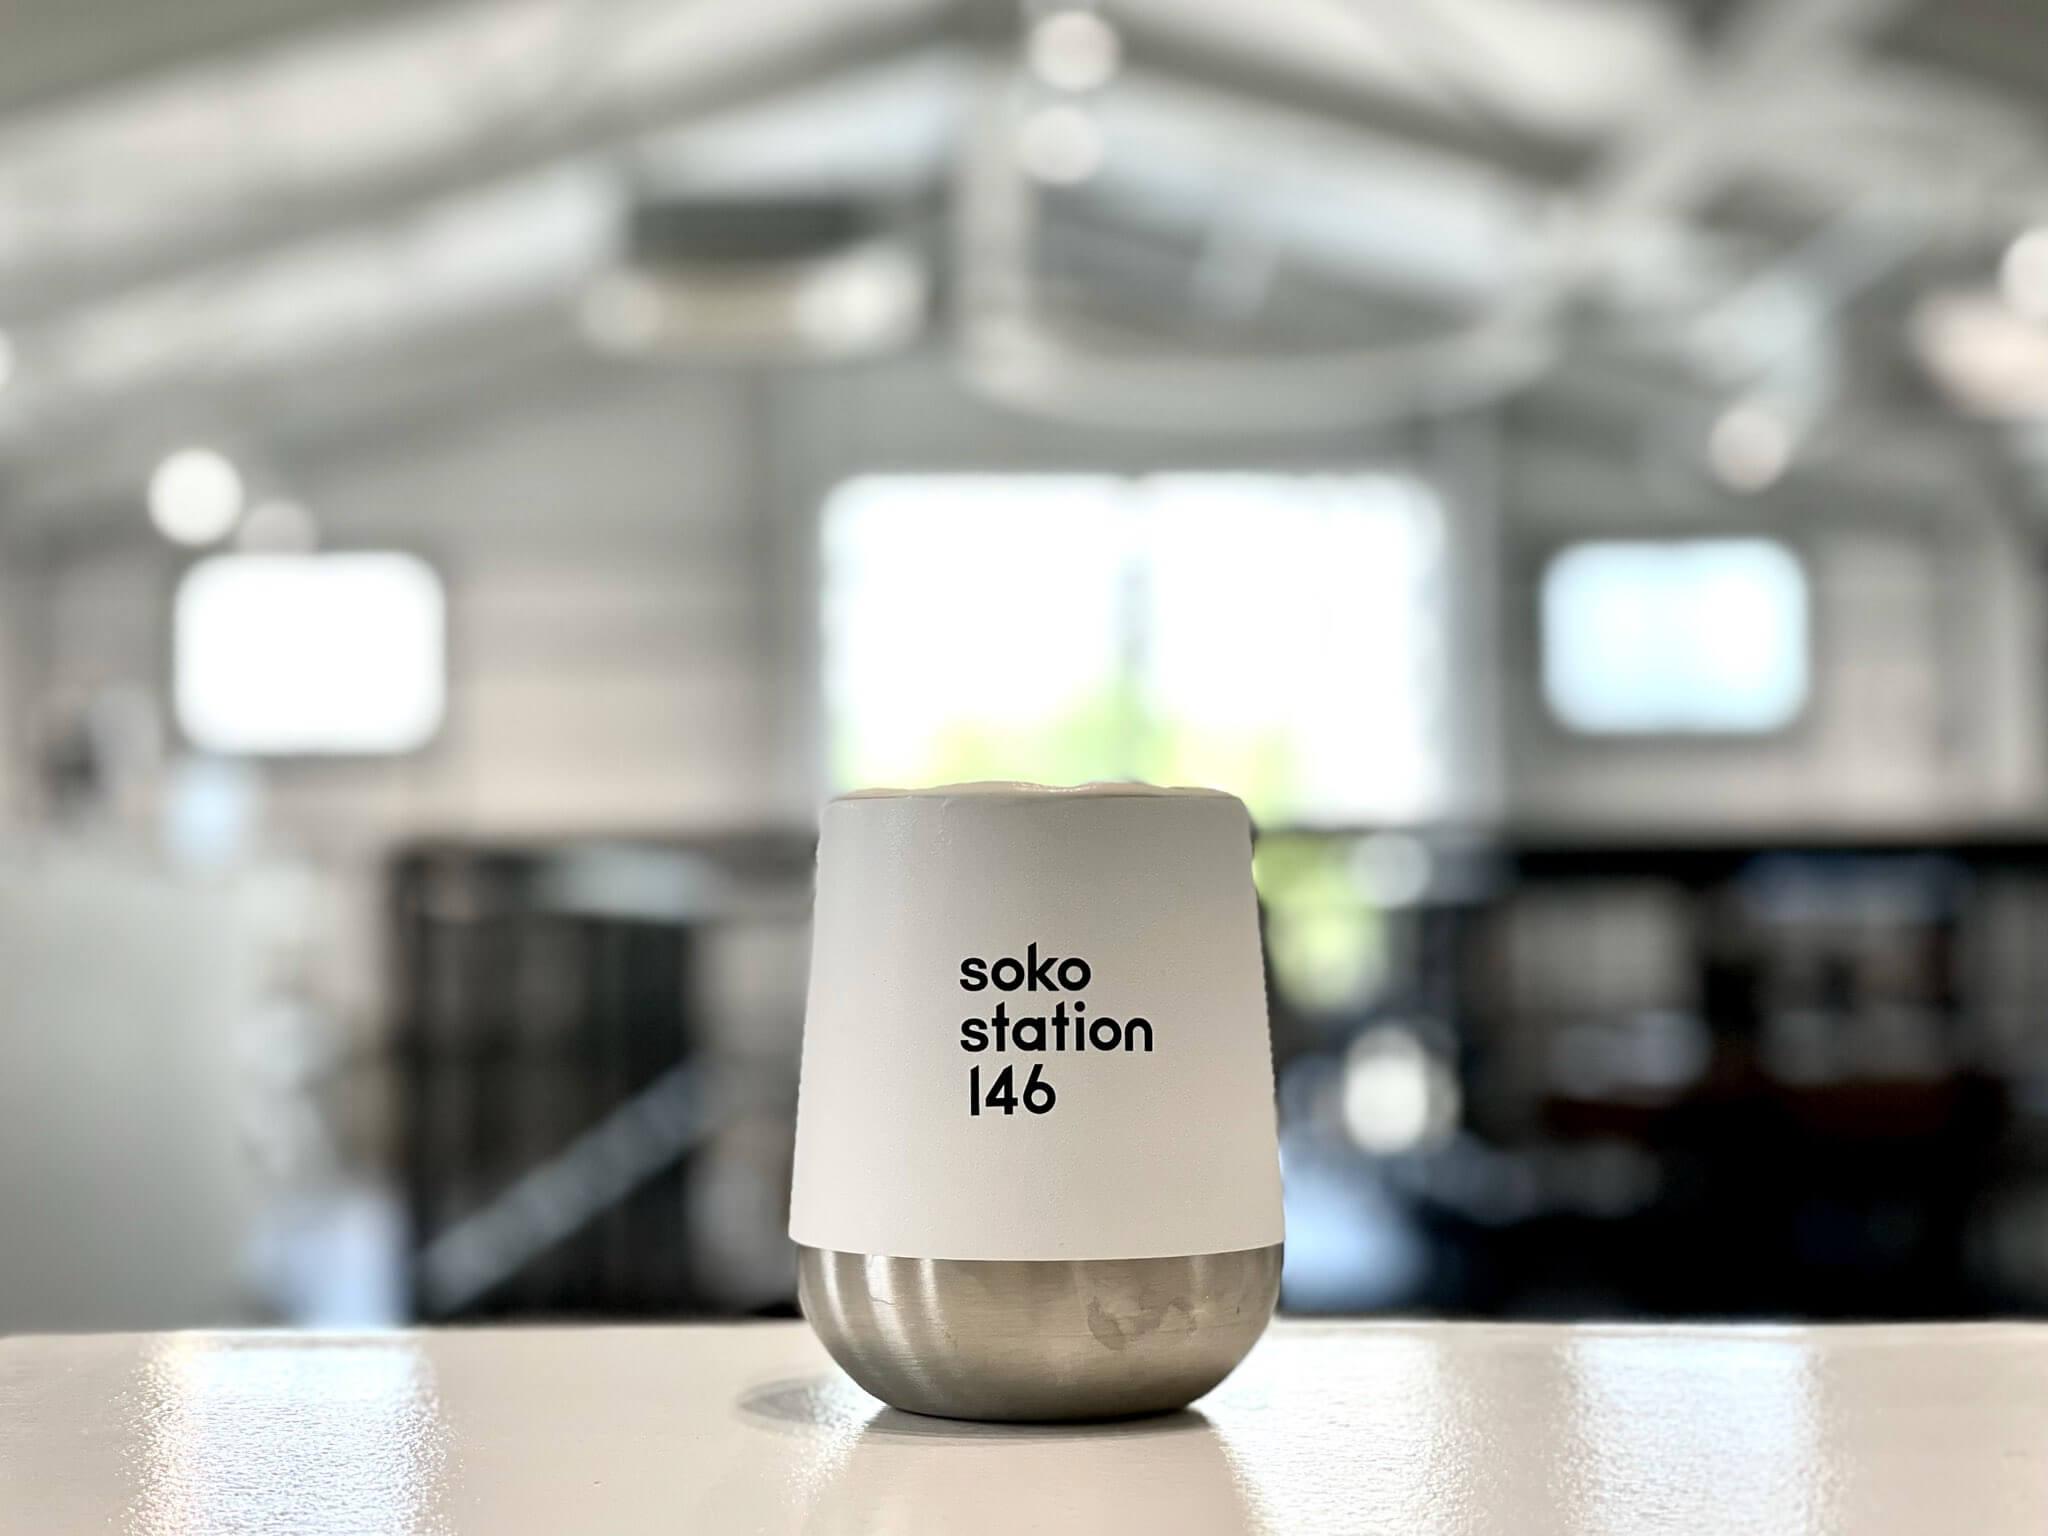 soko station 146のマグカップ